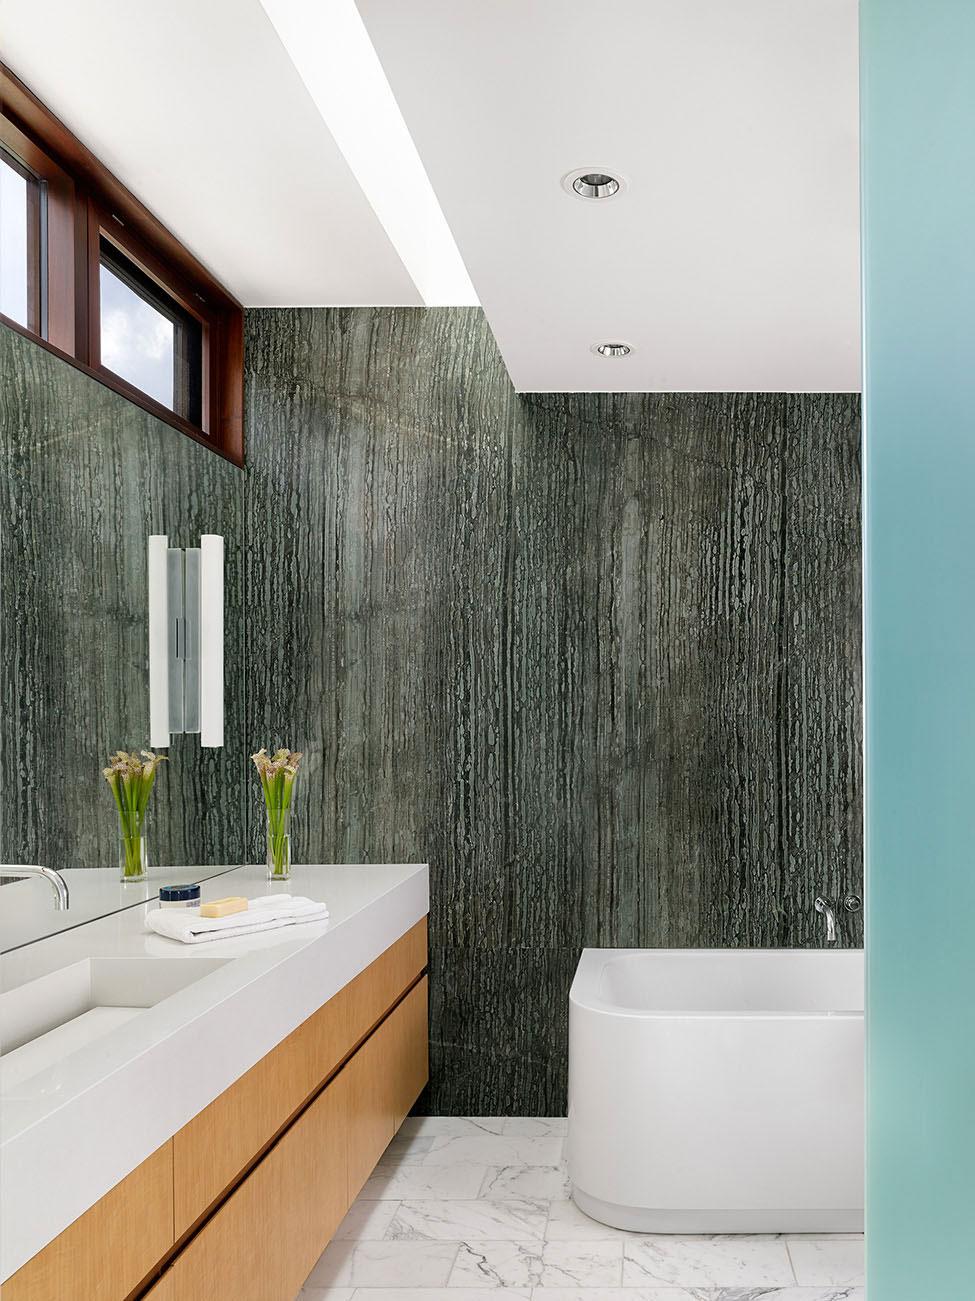 Elegant och bekvämt hem med en blandning av moderna och rustika stilar 12 Elegant och bekvämt hem med en blandning av moderna och rustika stilar